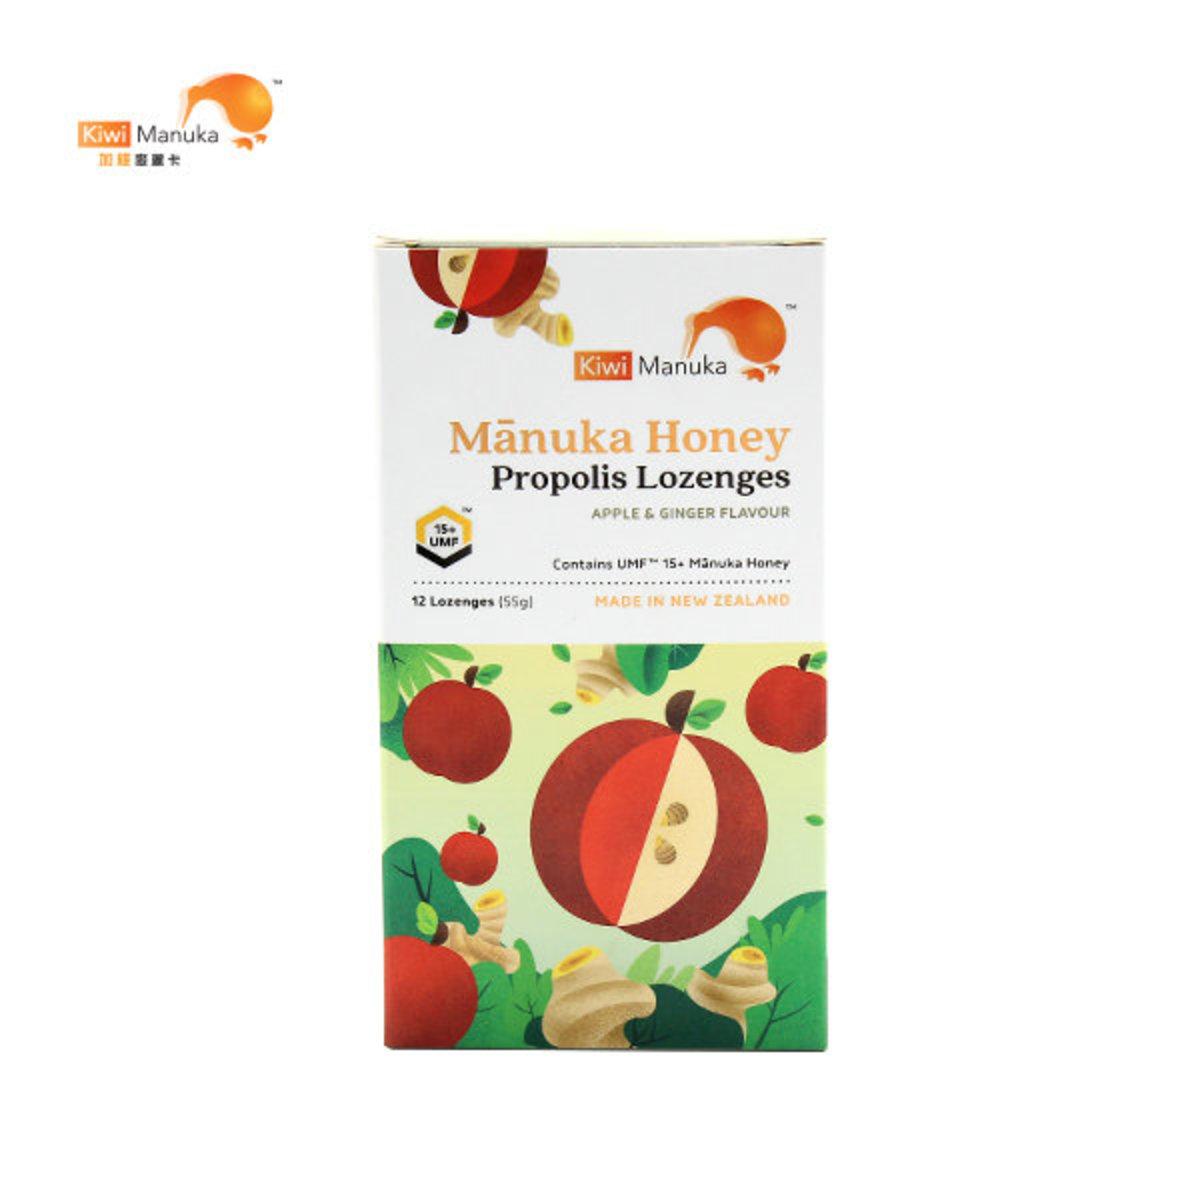 UMF15+ / 514+ MGO Manuka Honey & Propolis Lozenges (Apple & Ginger) (55g) <New Packaging>